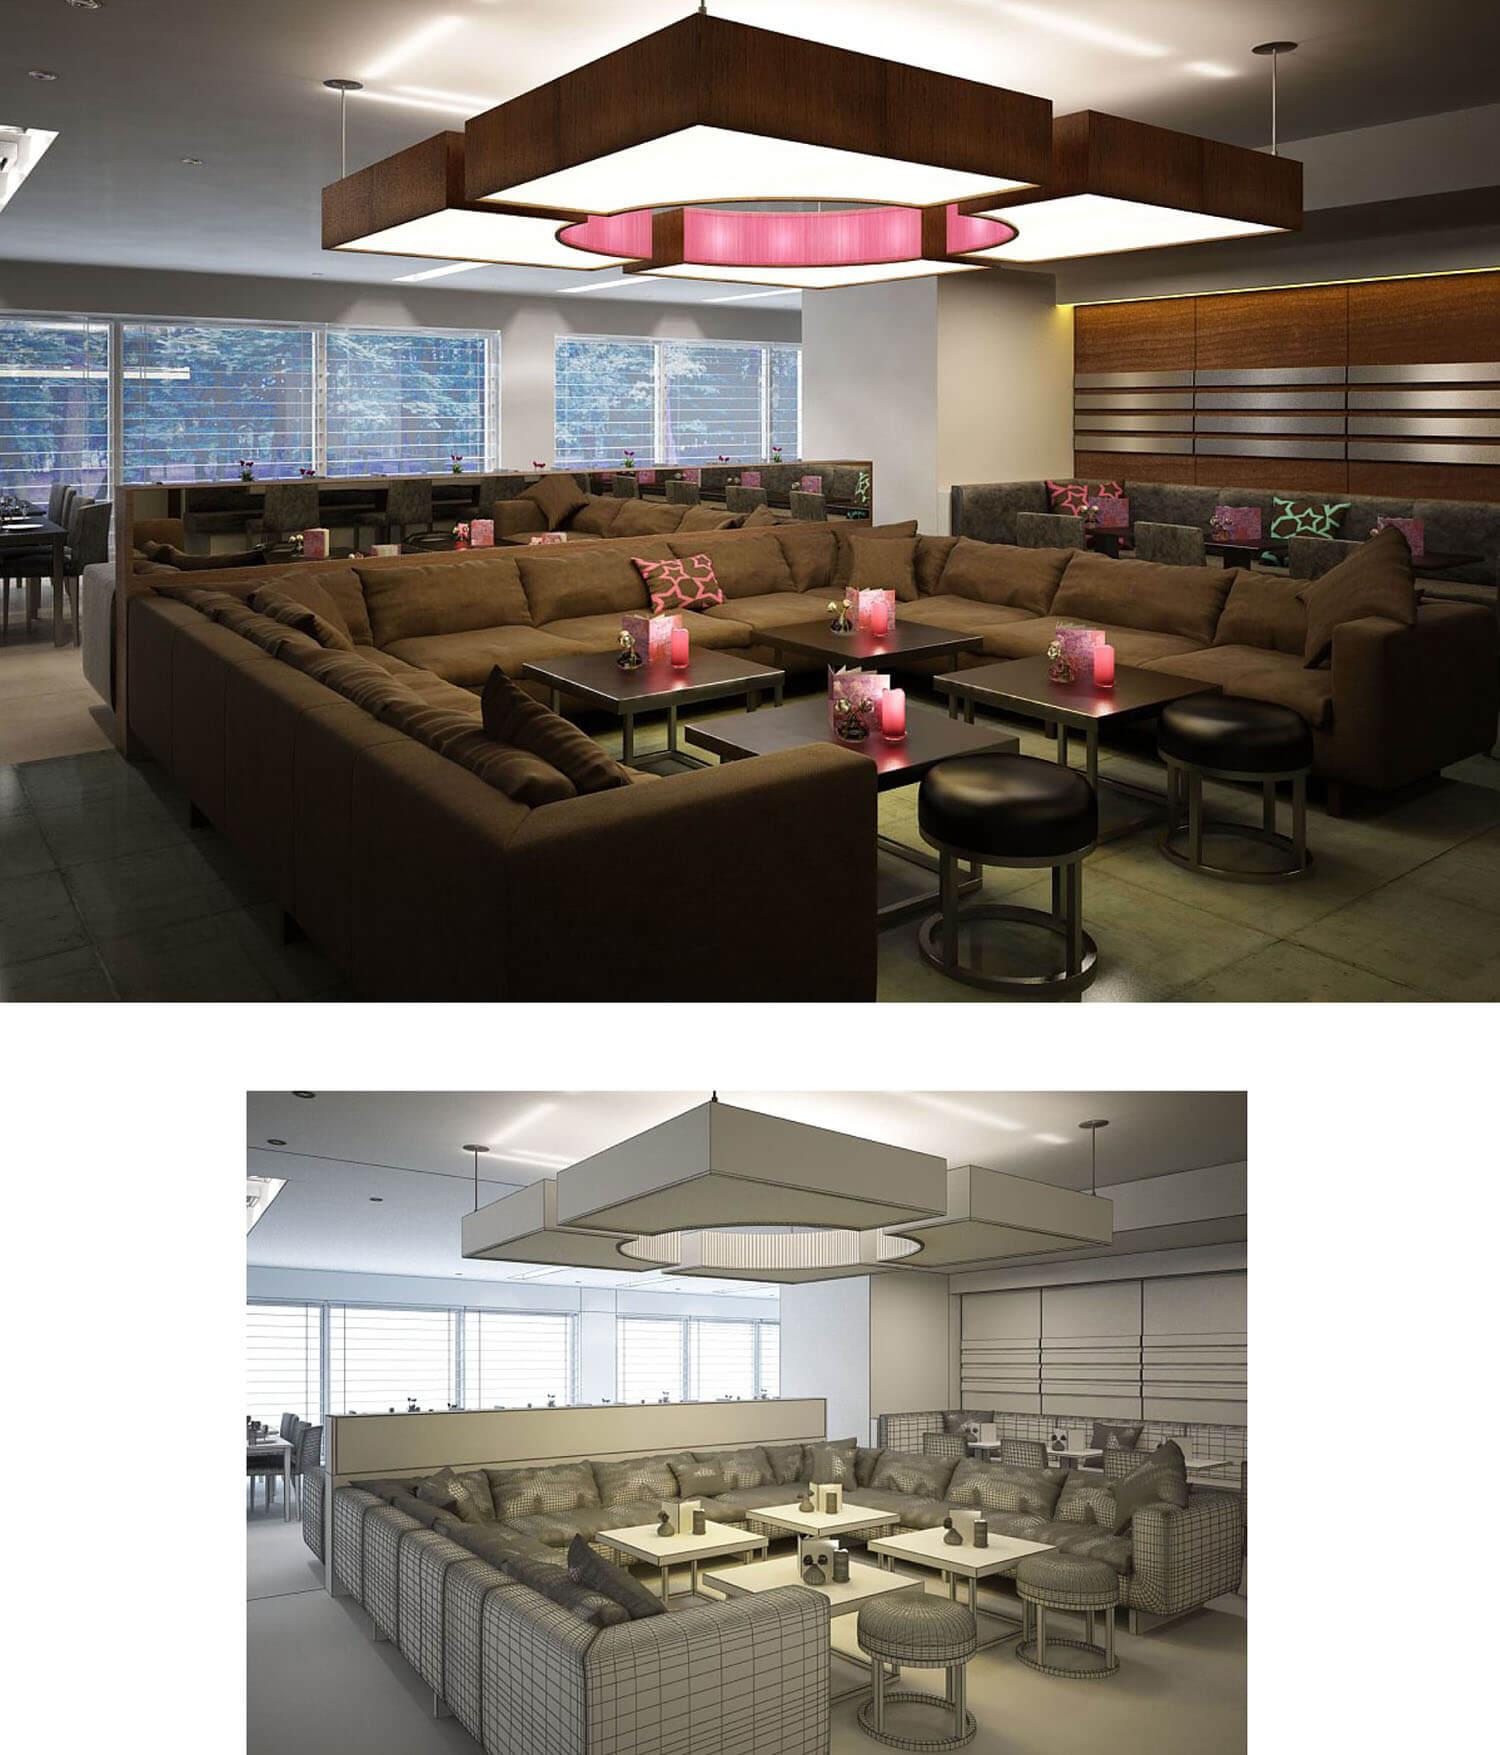 Quán cafe được thiết kế đèn trần lớn đem đến ánh sáng rực rỡ